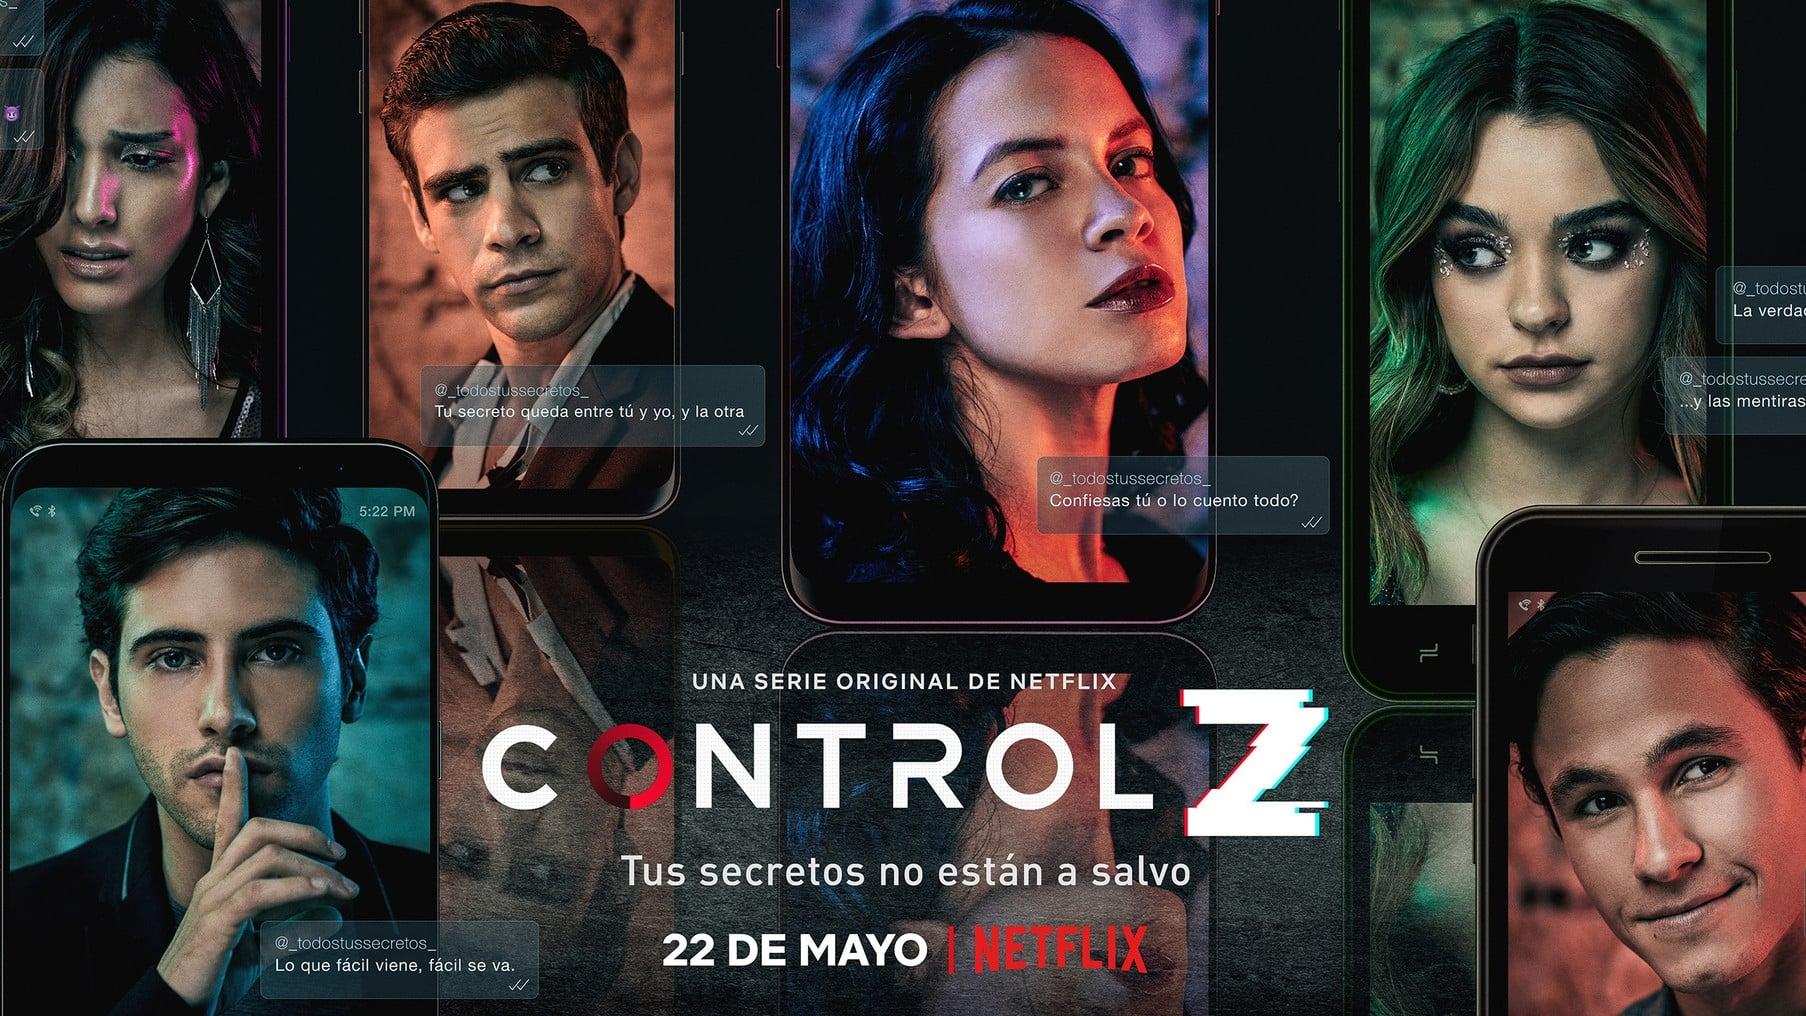 Control Z - Season 1